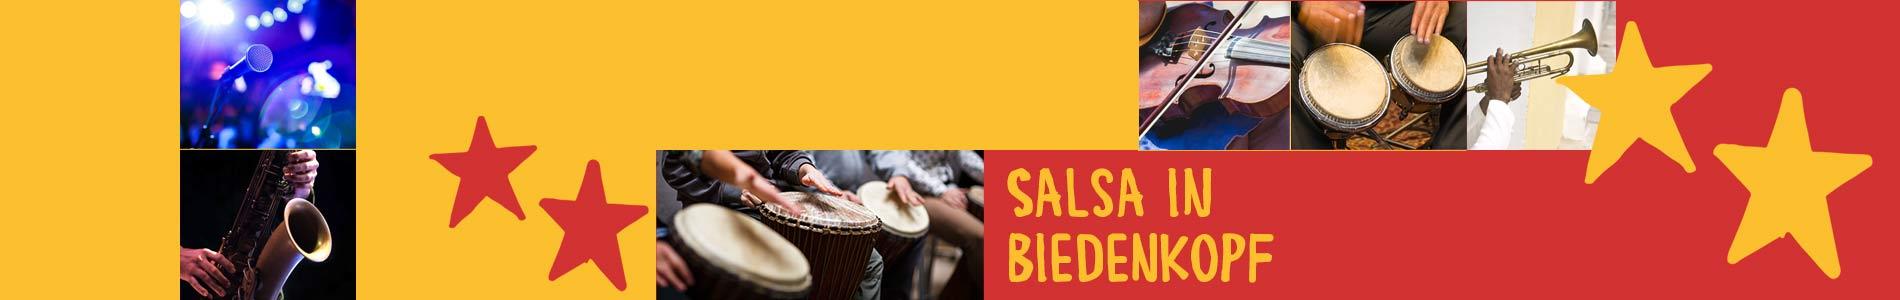 Salsa in Biedenkopf – Salsa lernen und tanzen, Tanzkurse, Partys, Veranstaltungen